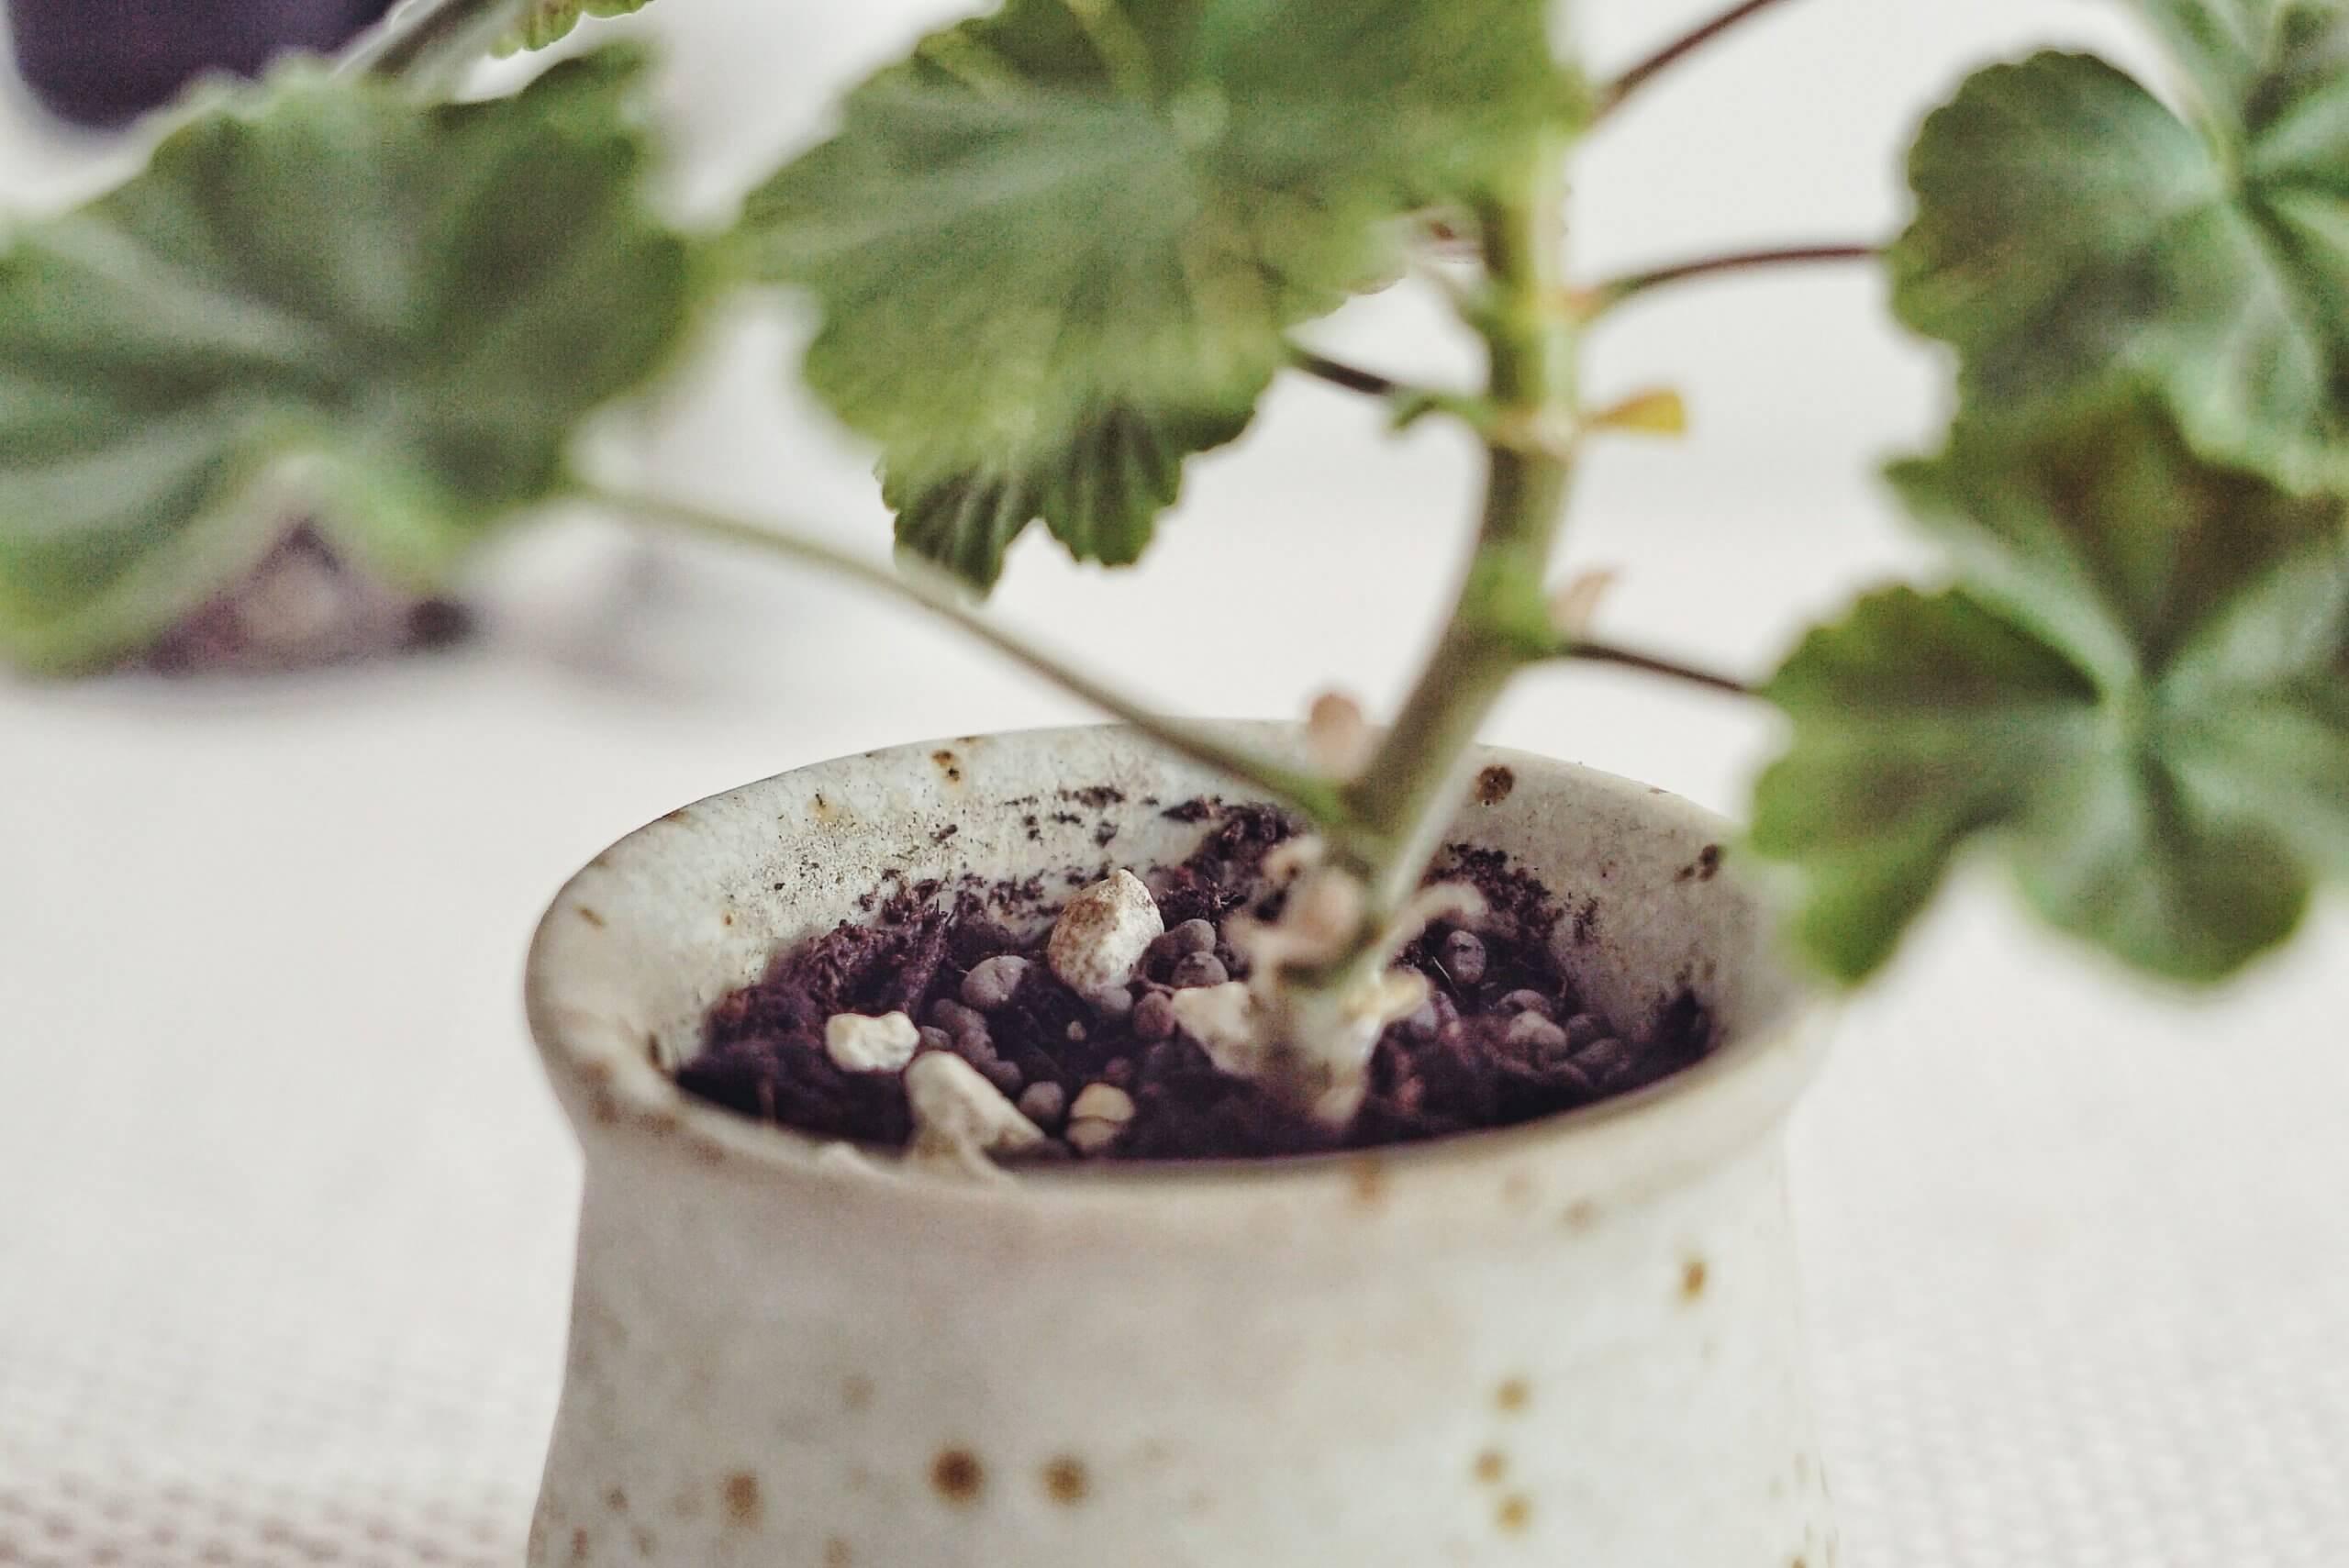 Plantera om krukväxter